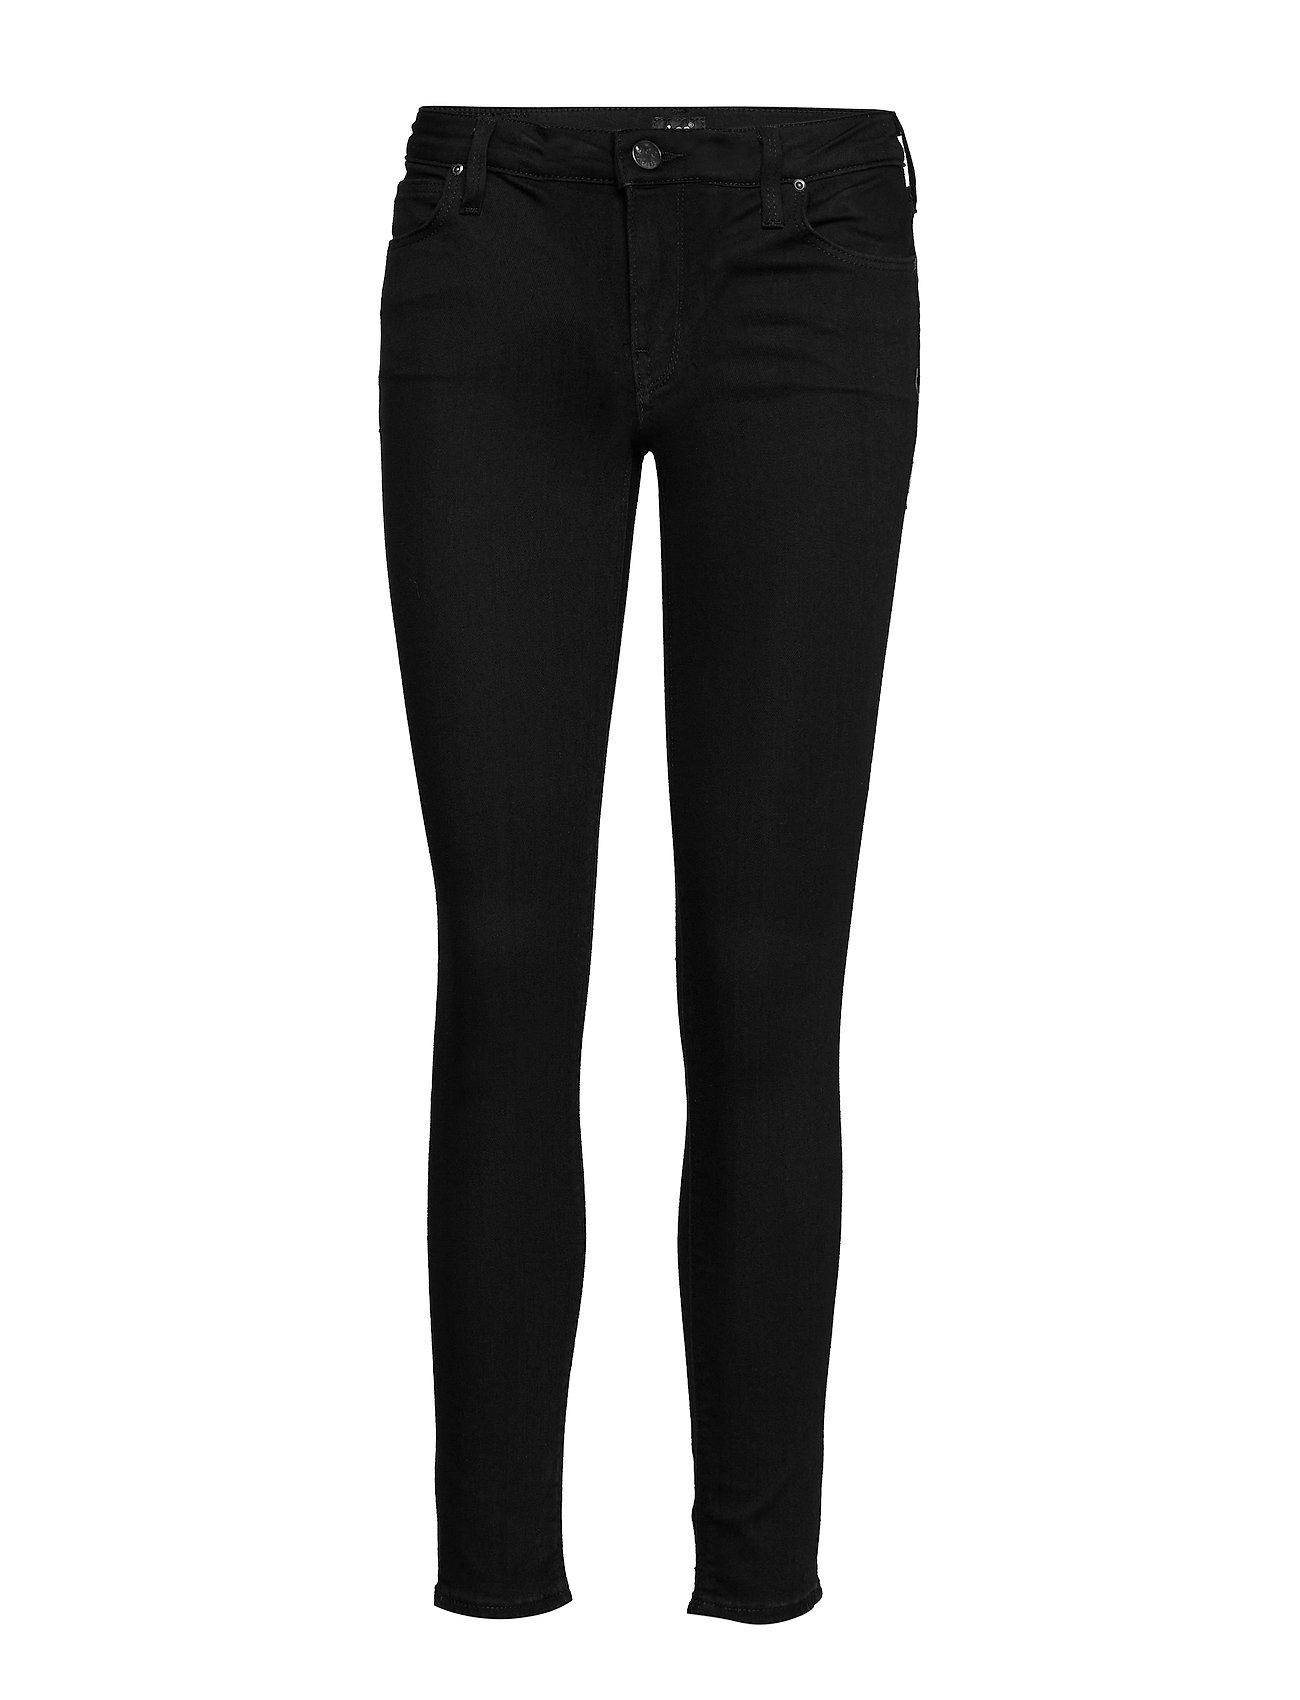 Lee Jeans SCARLETT - BLACK RINSE